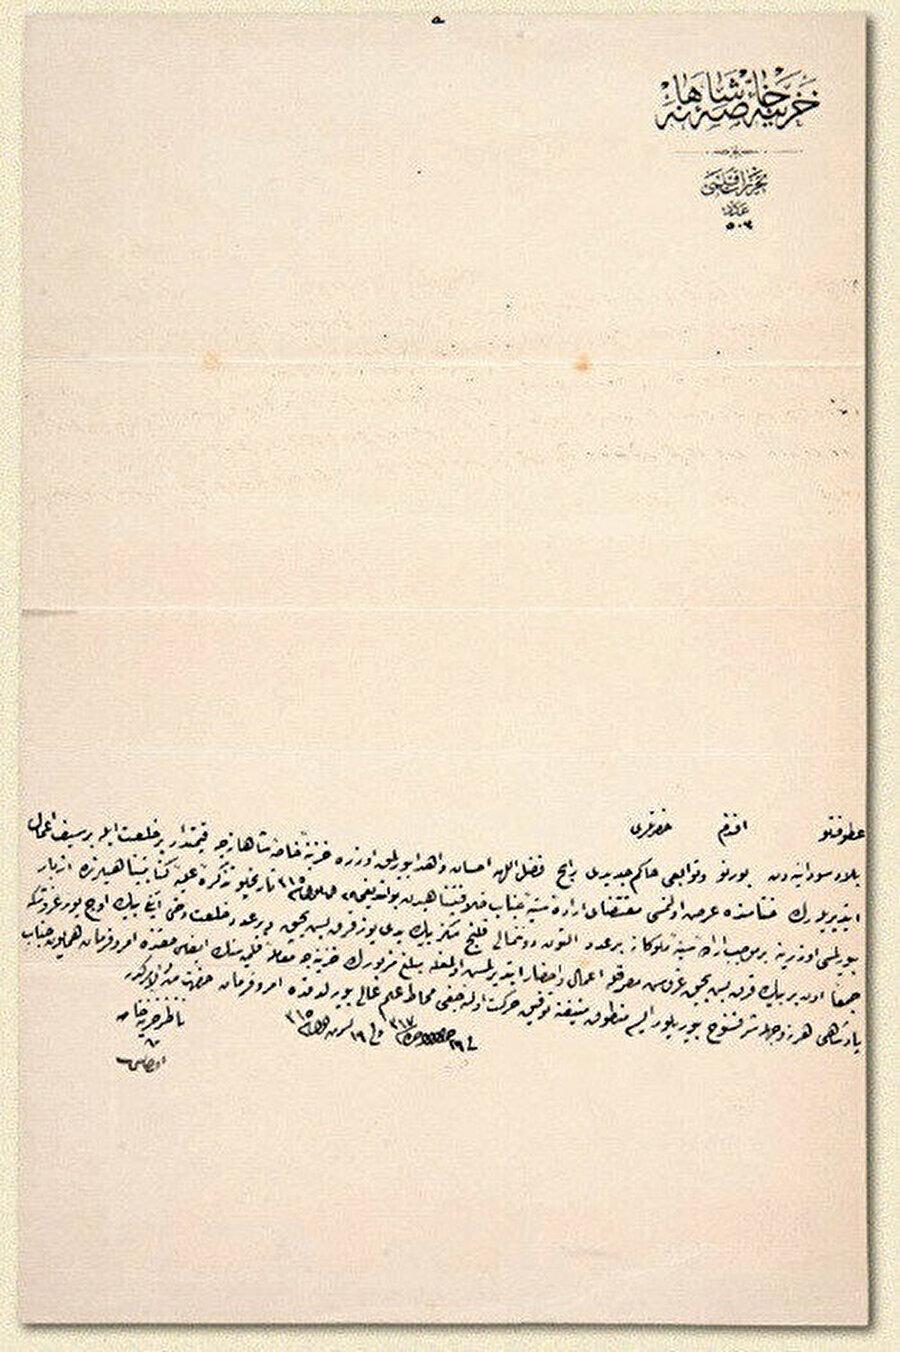 Osmanlı belgelerinde Rabih'e gönderilen hediyeler, Başbakanlık Osmanlı Arşivi.